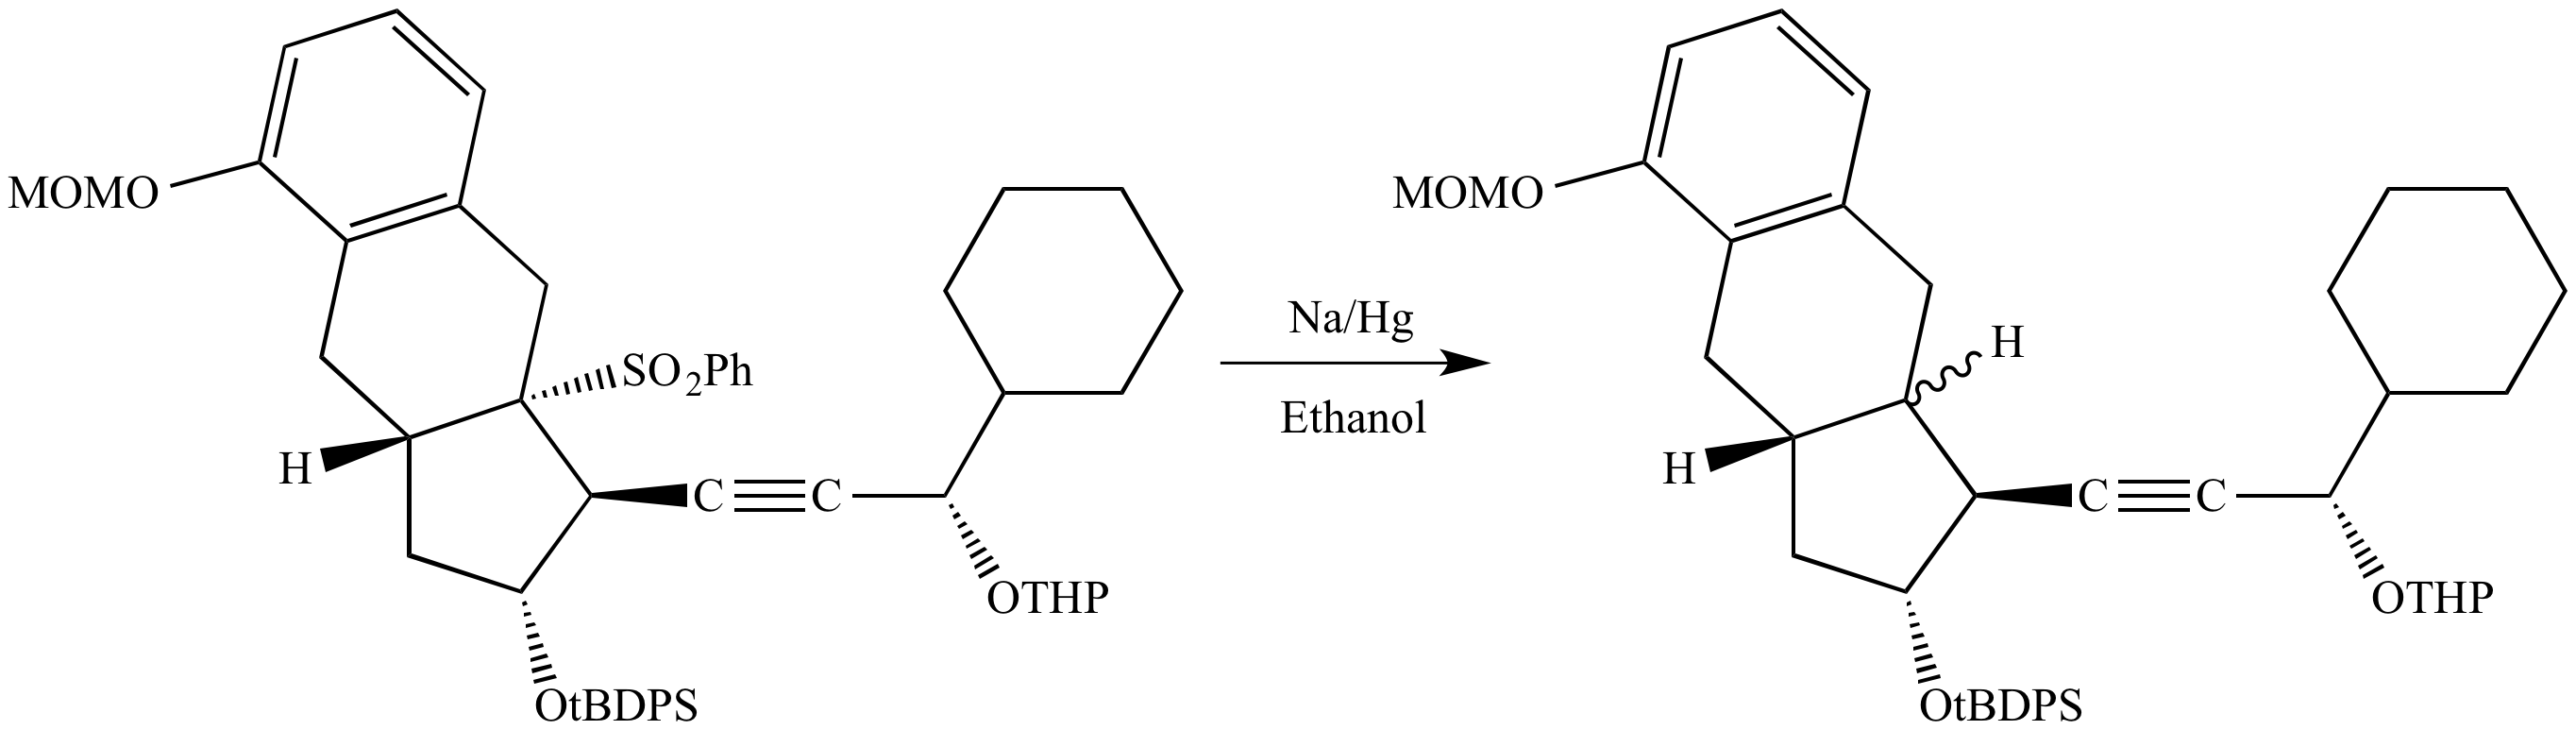 Illustrated Glossary Of Organic Chemistry Amalgam